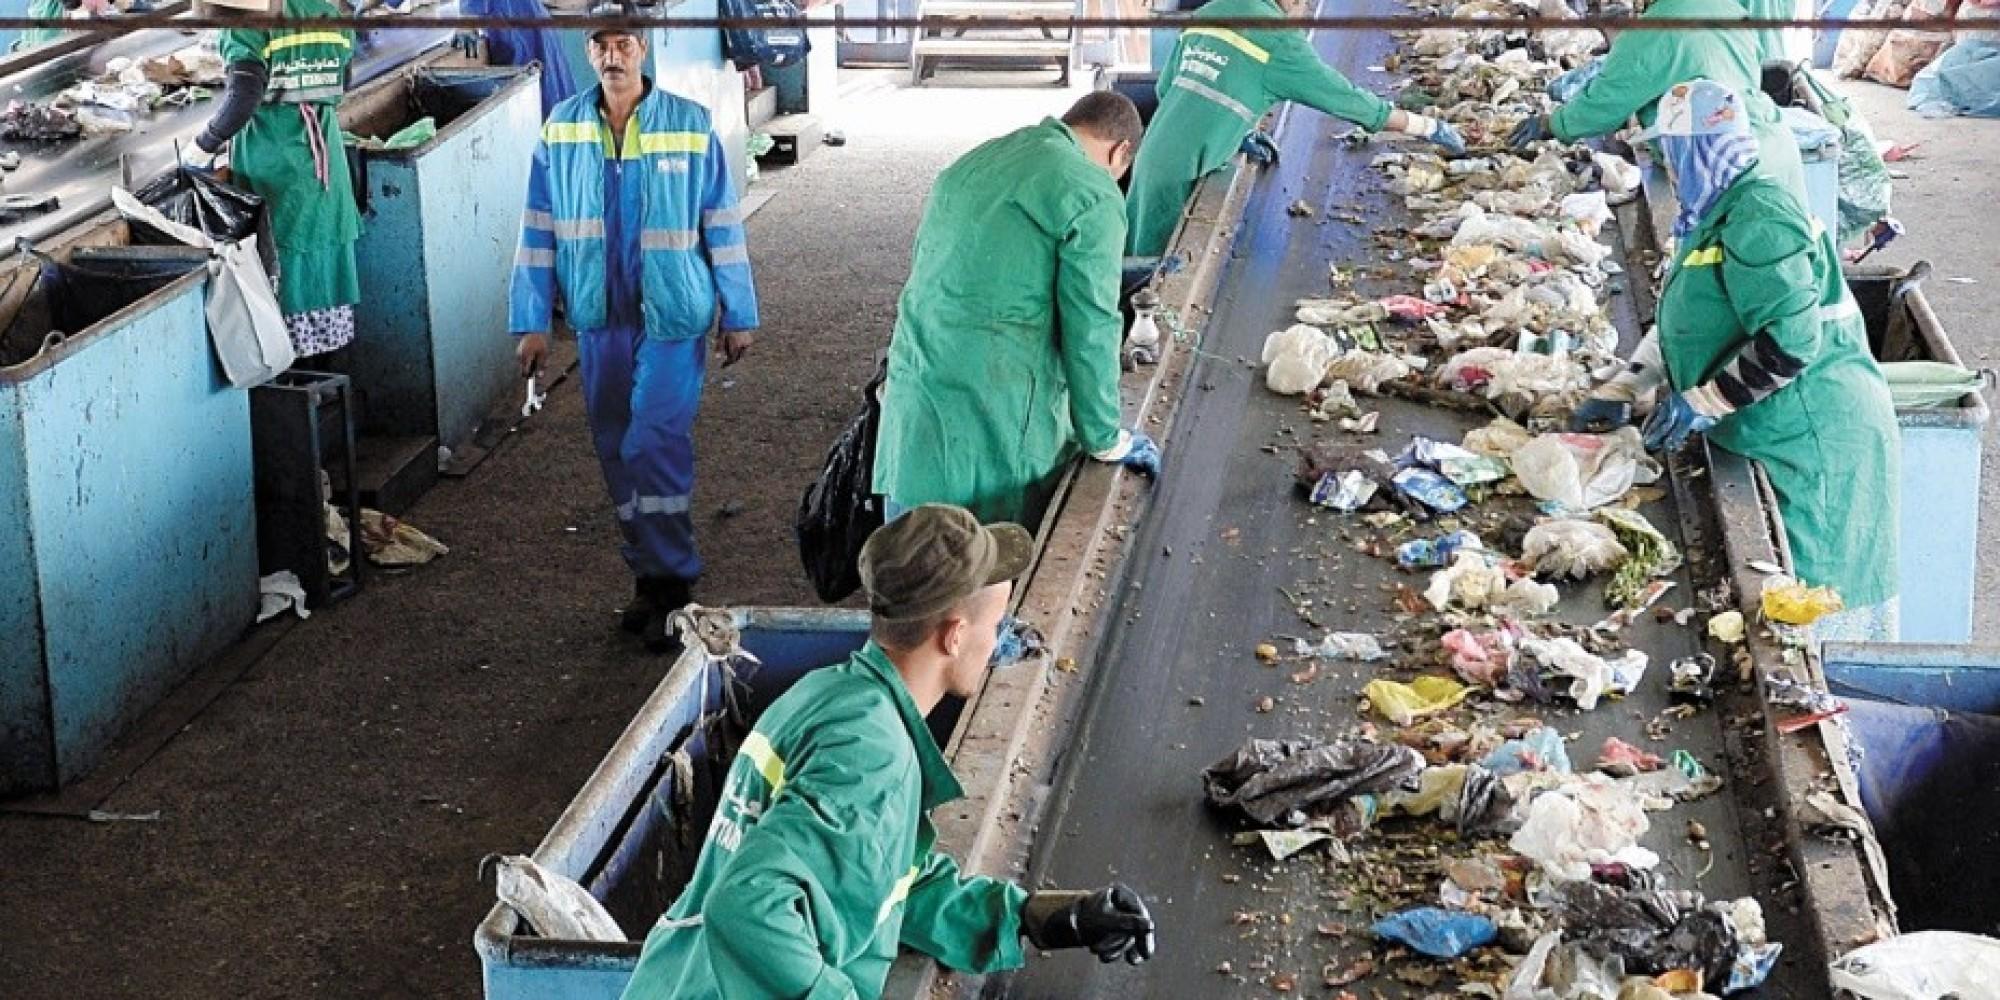 """Résultat de recherche d'images pour """"Maroc, pollution, sachets plastiques, Maroc, recyclage"""""""